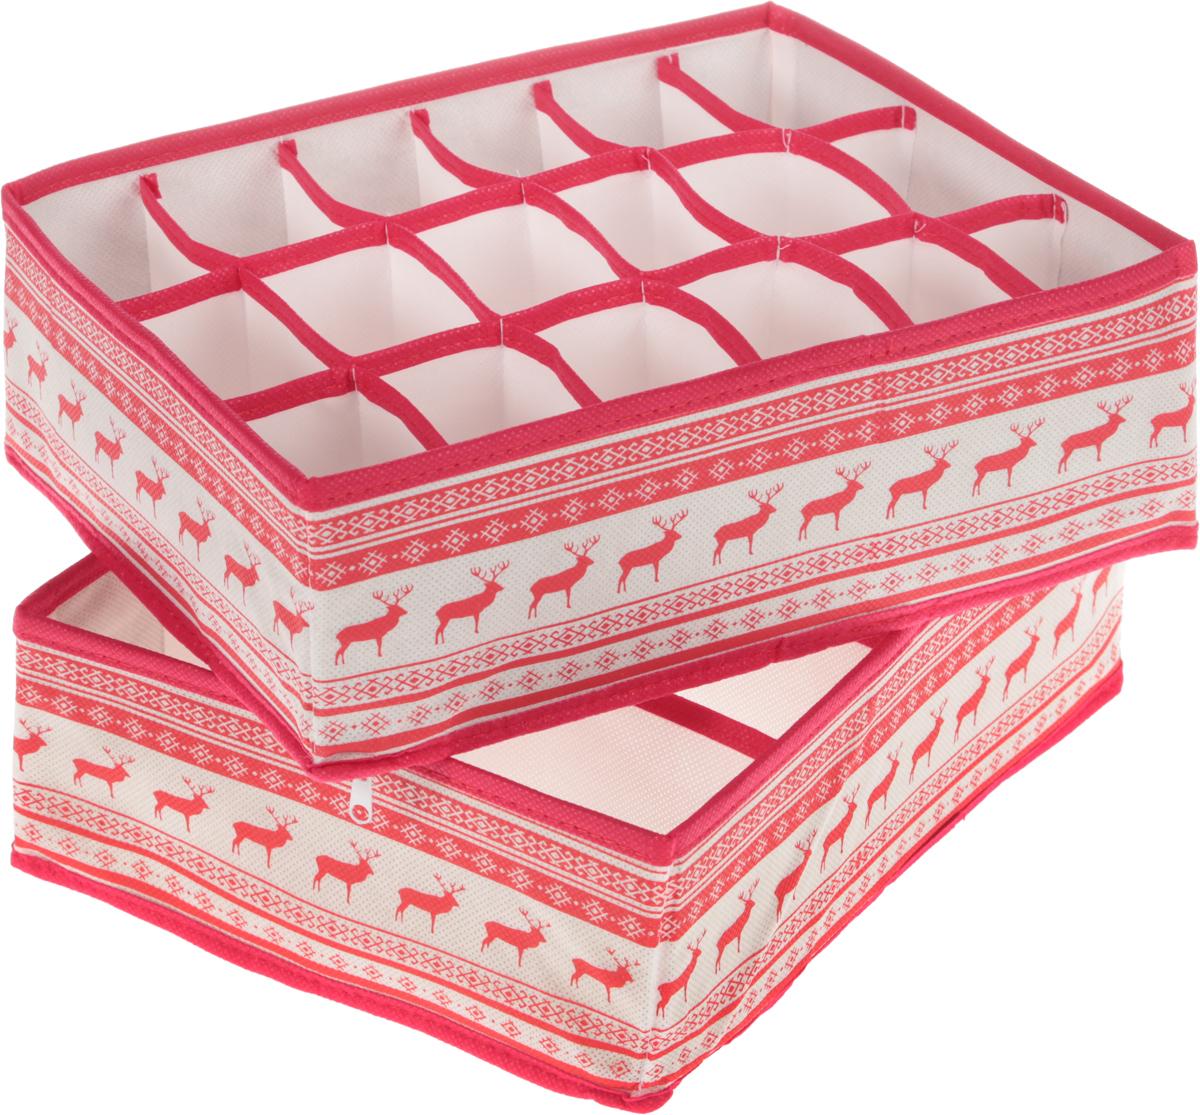 Органайзер Homsu Scandinavia, 31 х 24 х 11 см, 2 шт12723Комплект Homsu Scandinavia, выполненный из полиэстера, спанбонда и картона состоит из двух прямоугольных органайзеров с 18 и 8 раздельными ячейками. Изделия очень удобны для хранения мелких вещей в ящике или на полке. Идеально подойдут для носков, платков, галстуков и других вещей ежедневного пользования. Имеют жесткие борта, что является гарантией сохранности вещей. Размер органайзера (в собранном виде): 31 x 24 x11 см.Размер ячеек: 7 х 5 см; 12 х 8 см.